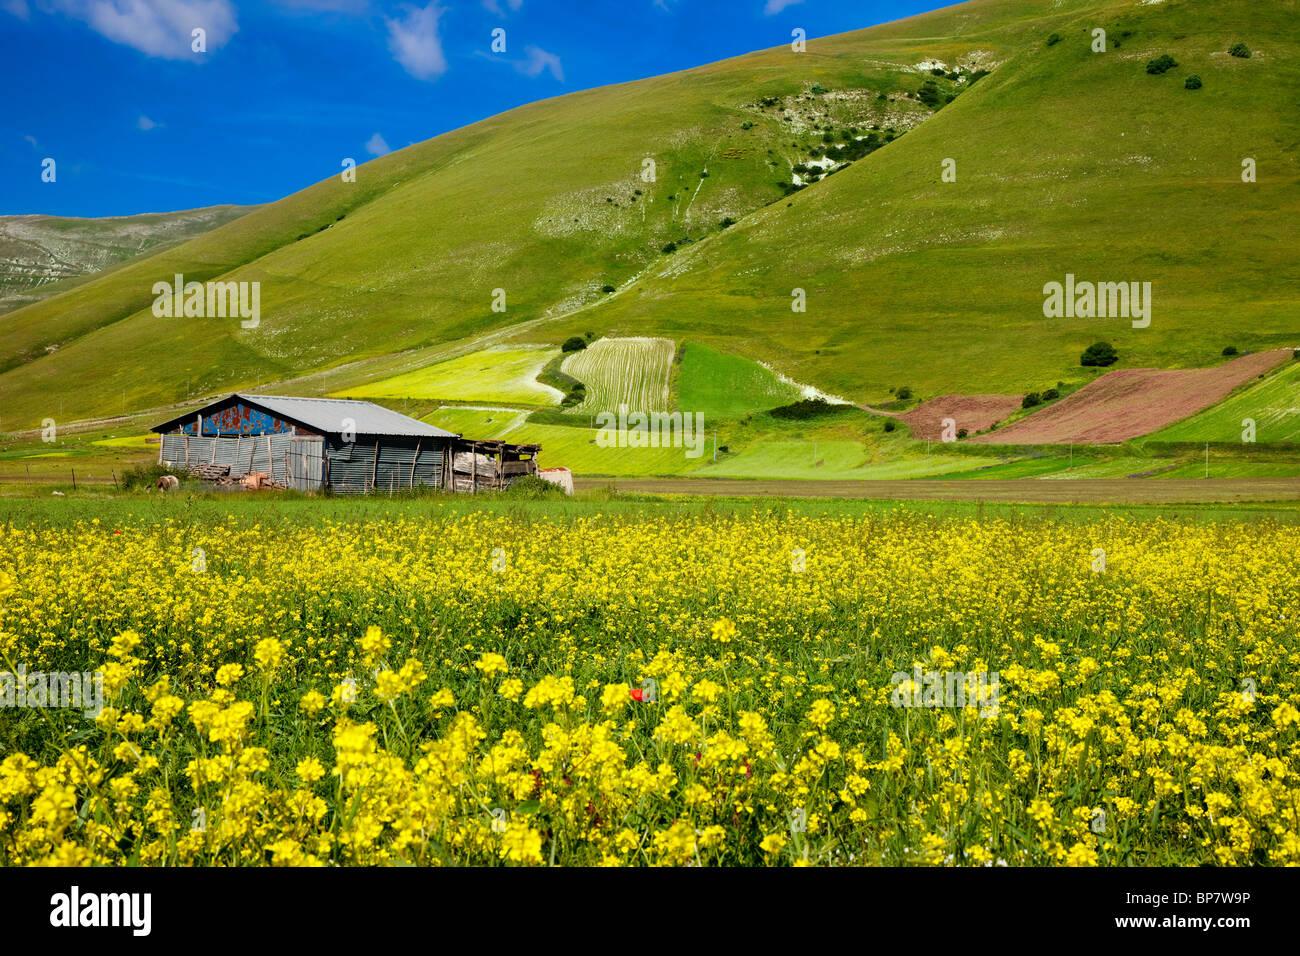 Bauernmarkt-Hütte, umgeben von Blumenwiesen im Piano Grande in der Nähe von Castelluccio, Umbrien Italien Stockbild